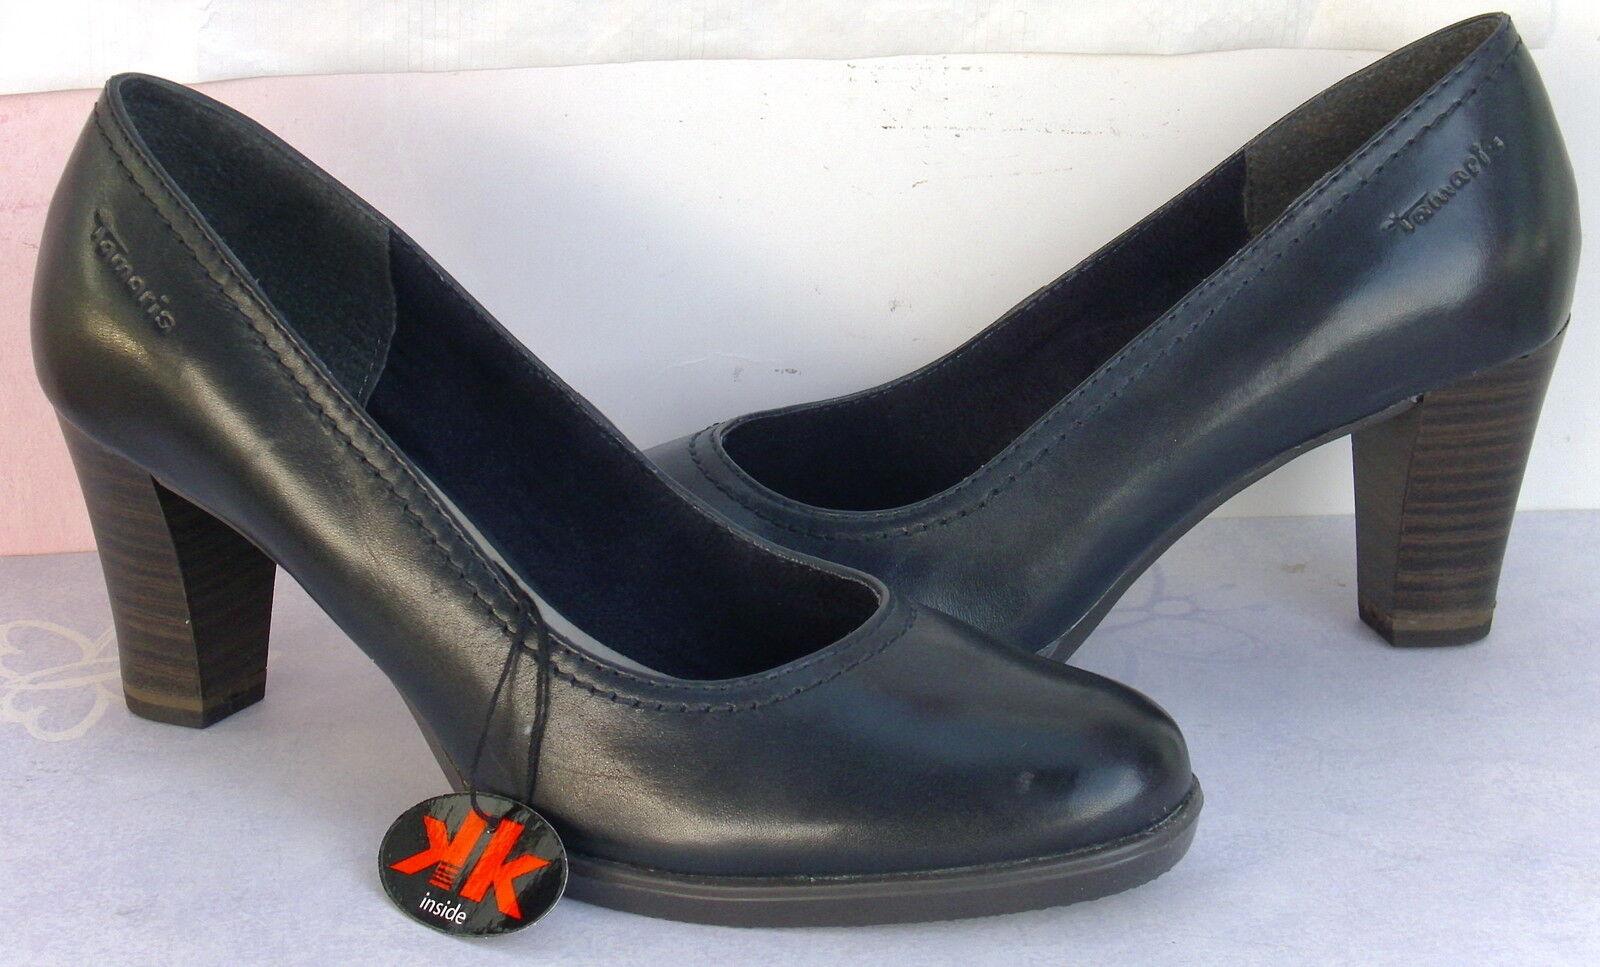 Tamaris Schuhe Damen Schuhe Pumps +++NEU+++ 62c42teeb61342